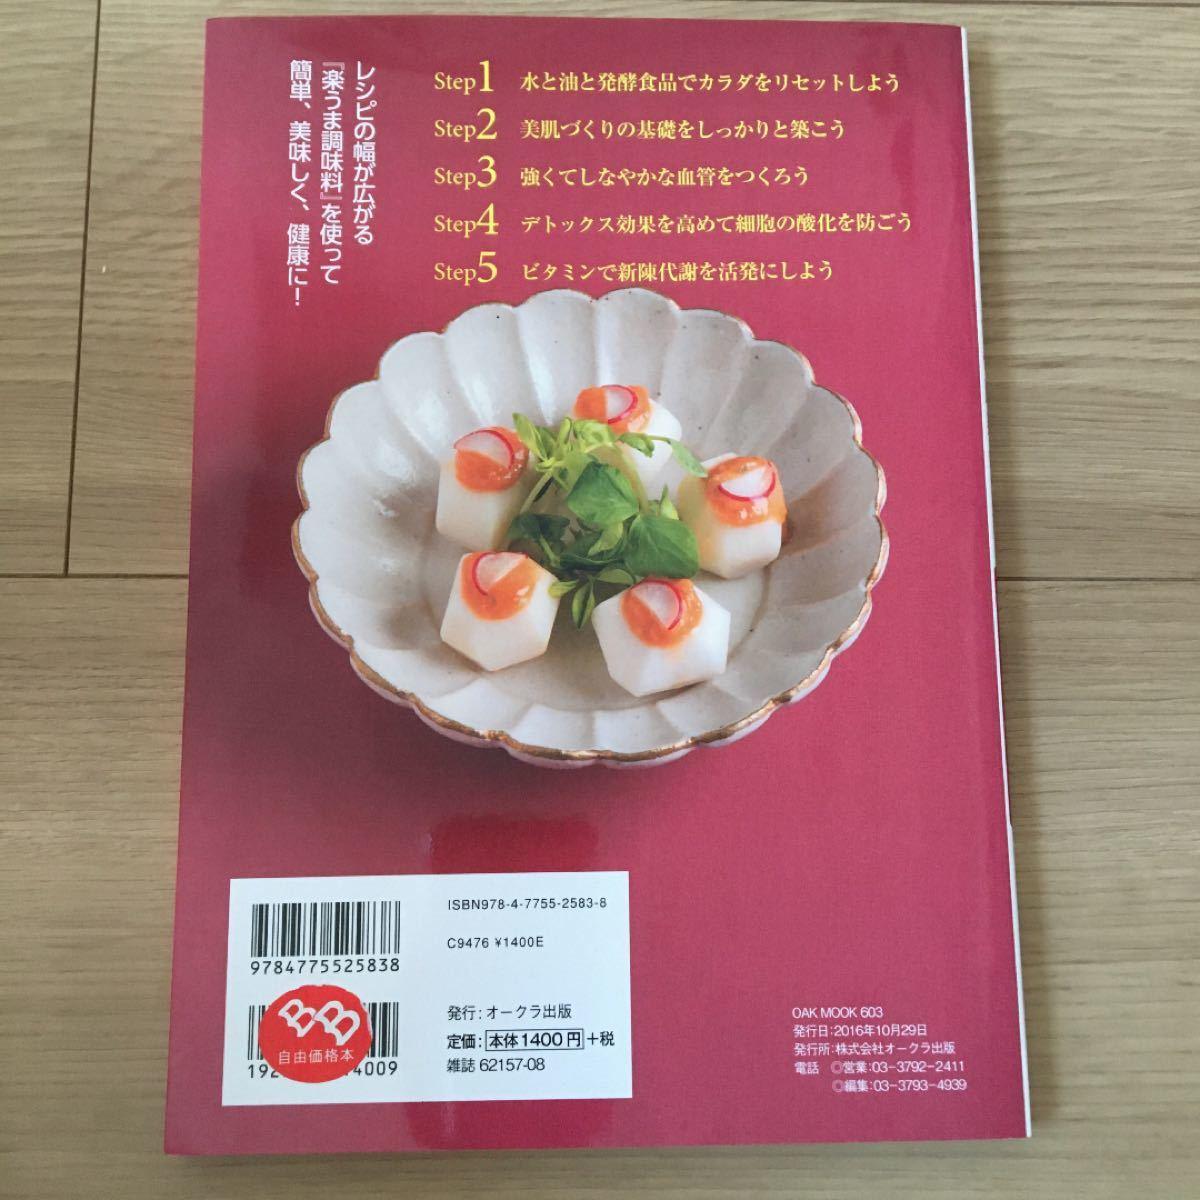 簡単!美味しい!楽うま 健康寿命レシピ「美肌・アンチエイジング」編